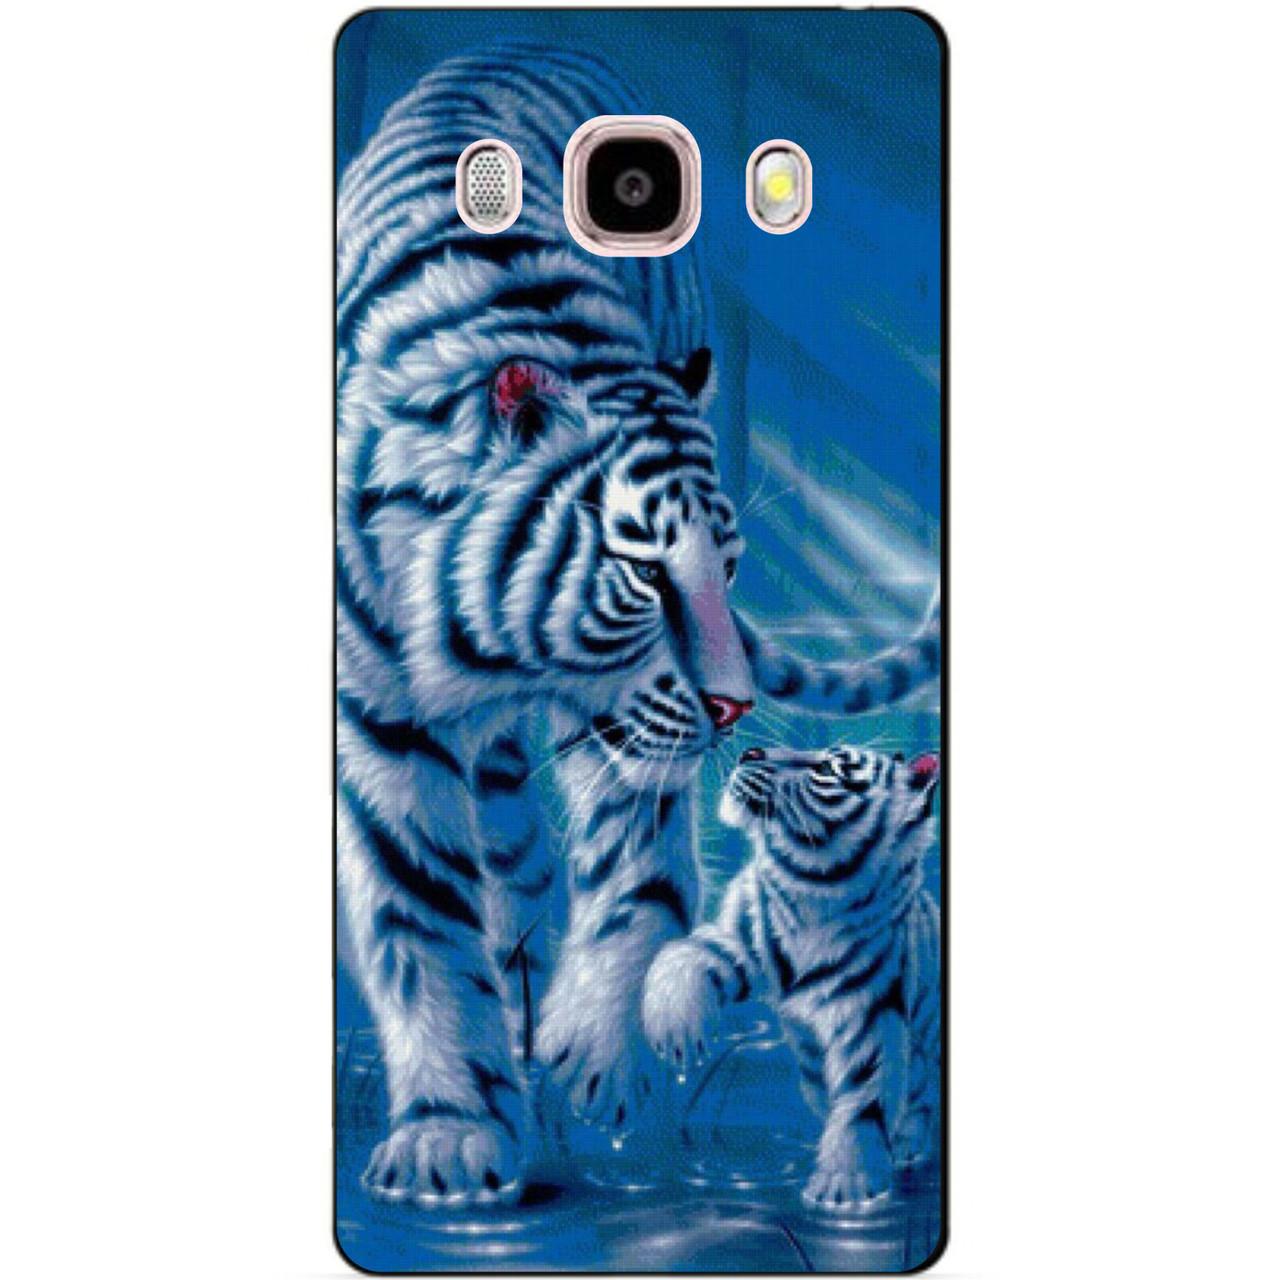 Силиконовый чехол бампер для Samsung Galaxy J510 J5-2016 с рисунком Тигры